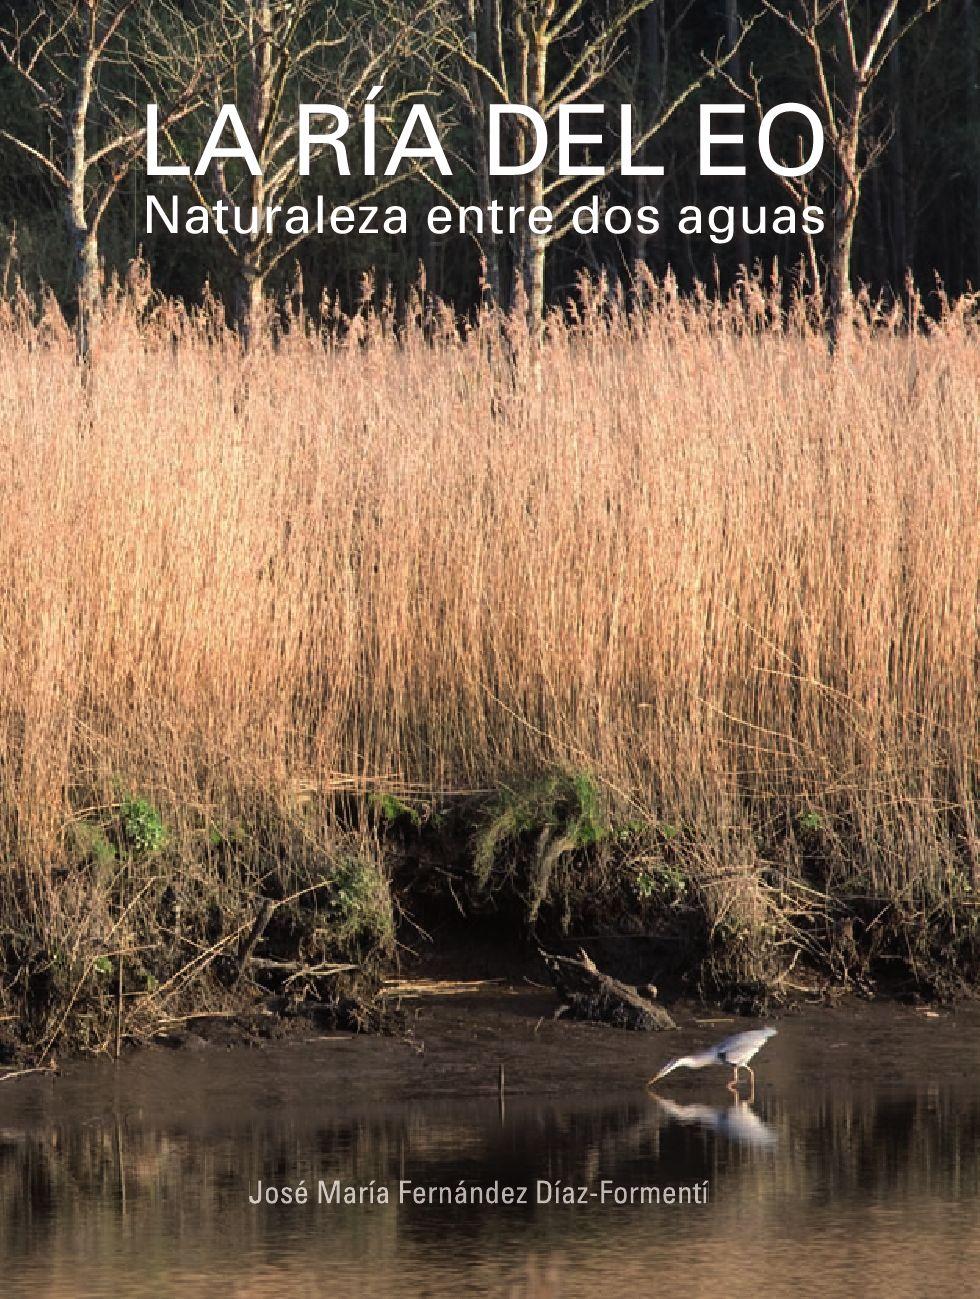 Anas clypeata reproduccion asexual de las plantas